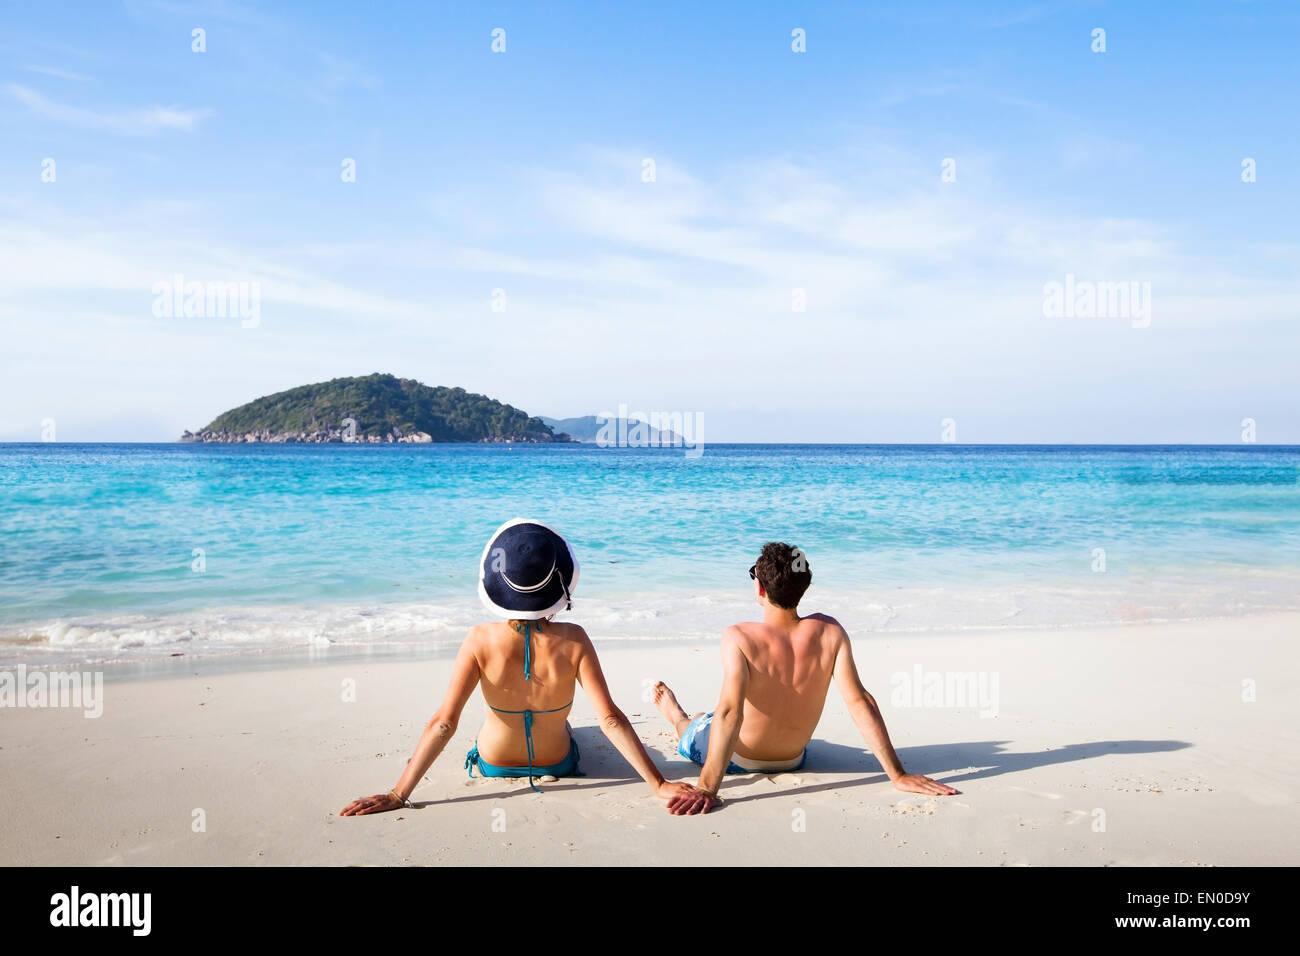 Destino de luna de miel, la joven pareja feliz relax en Paradise Beach Imagen De Stock